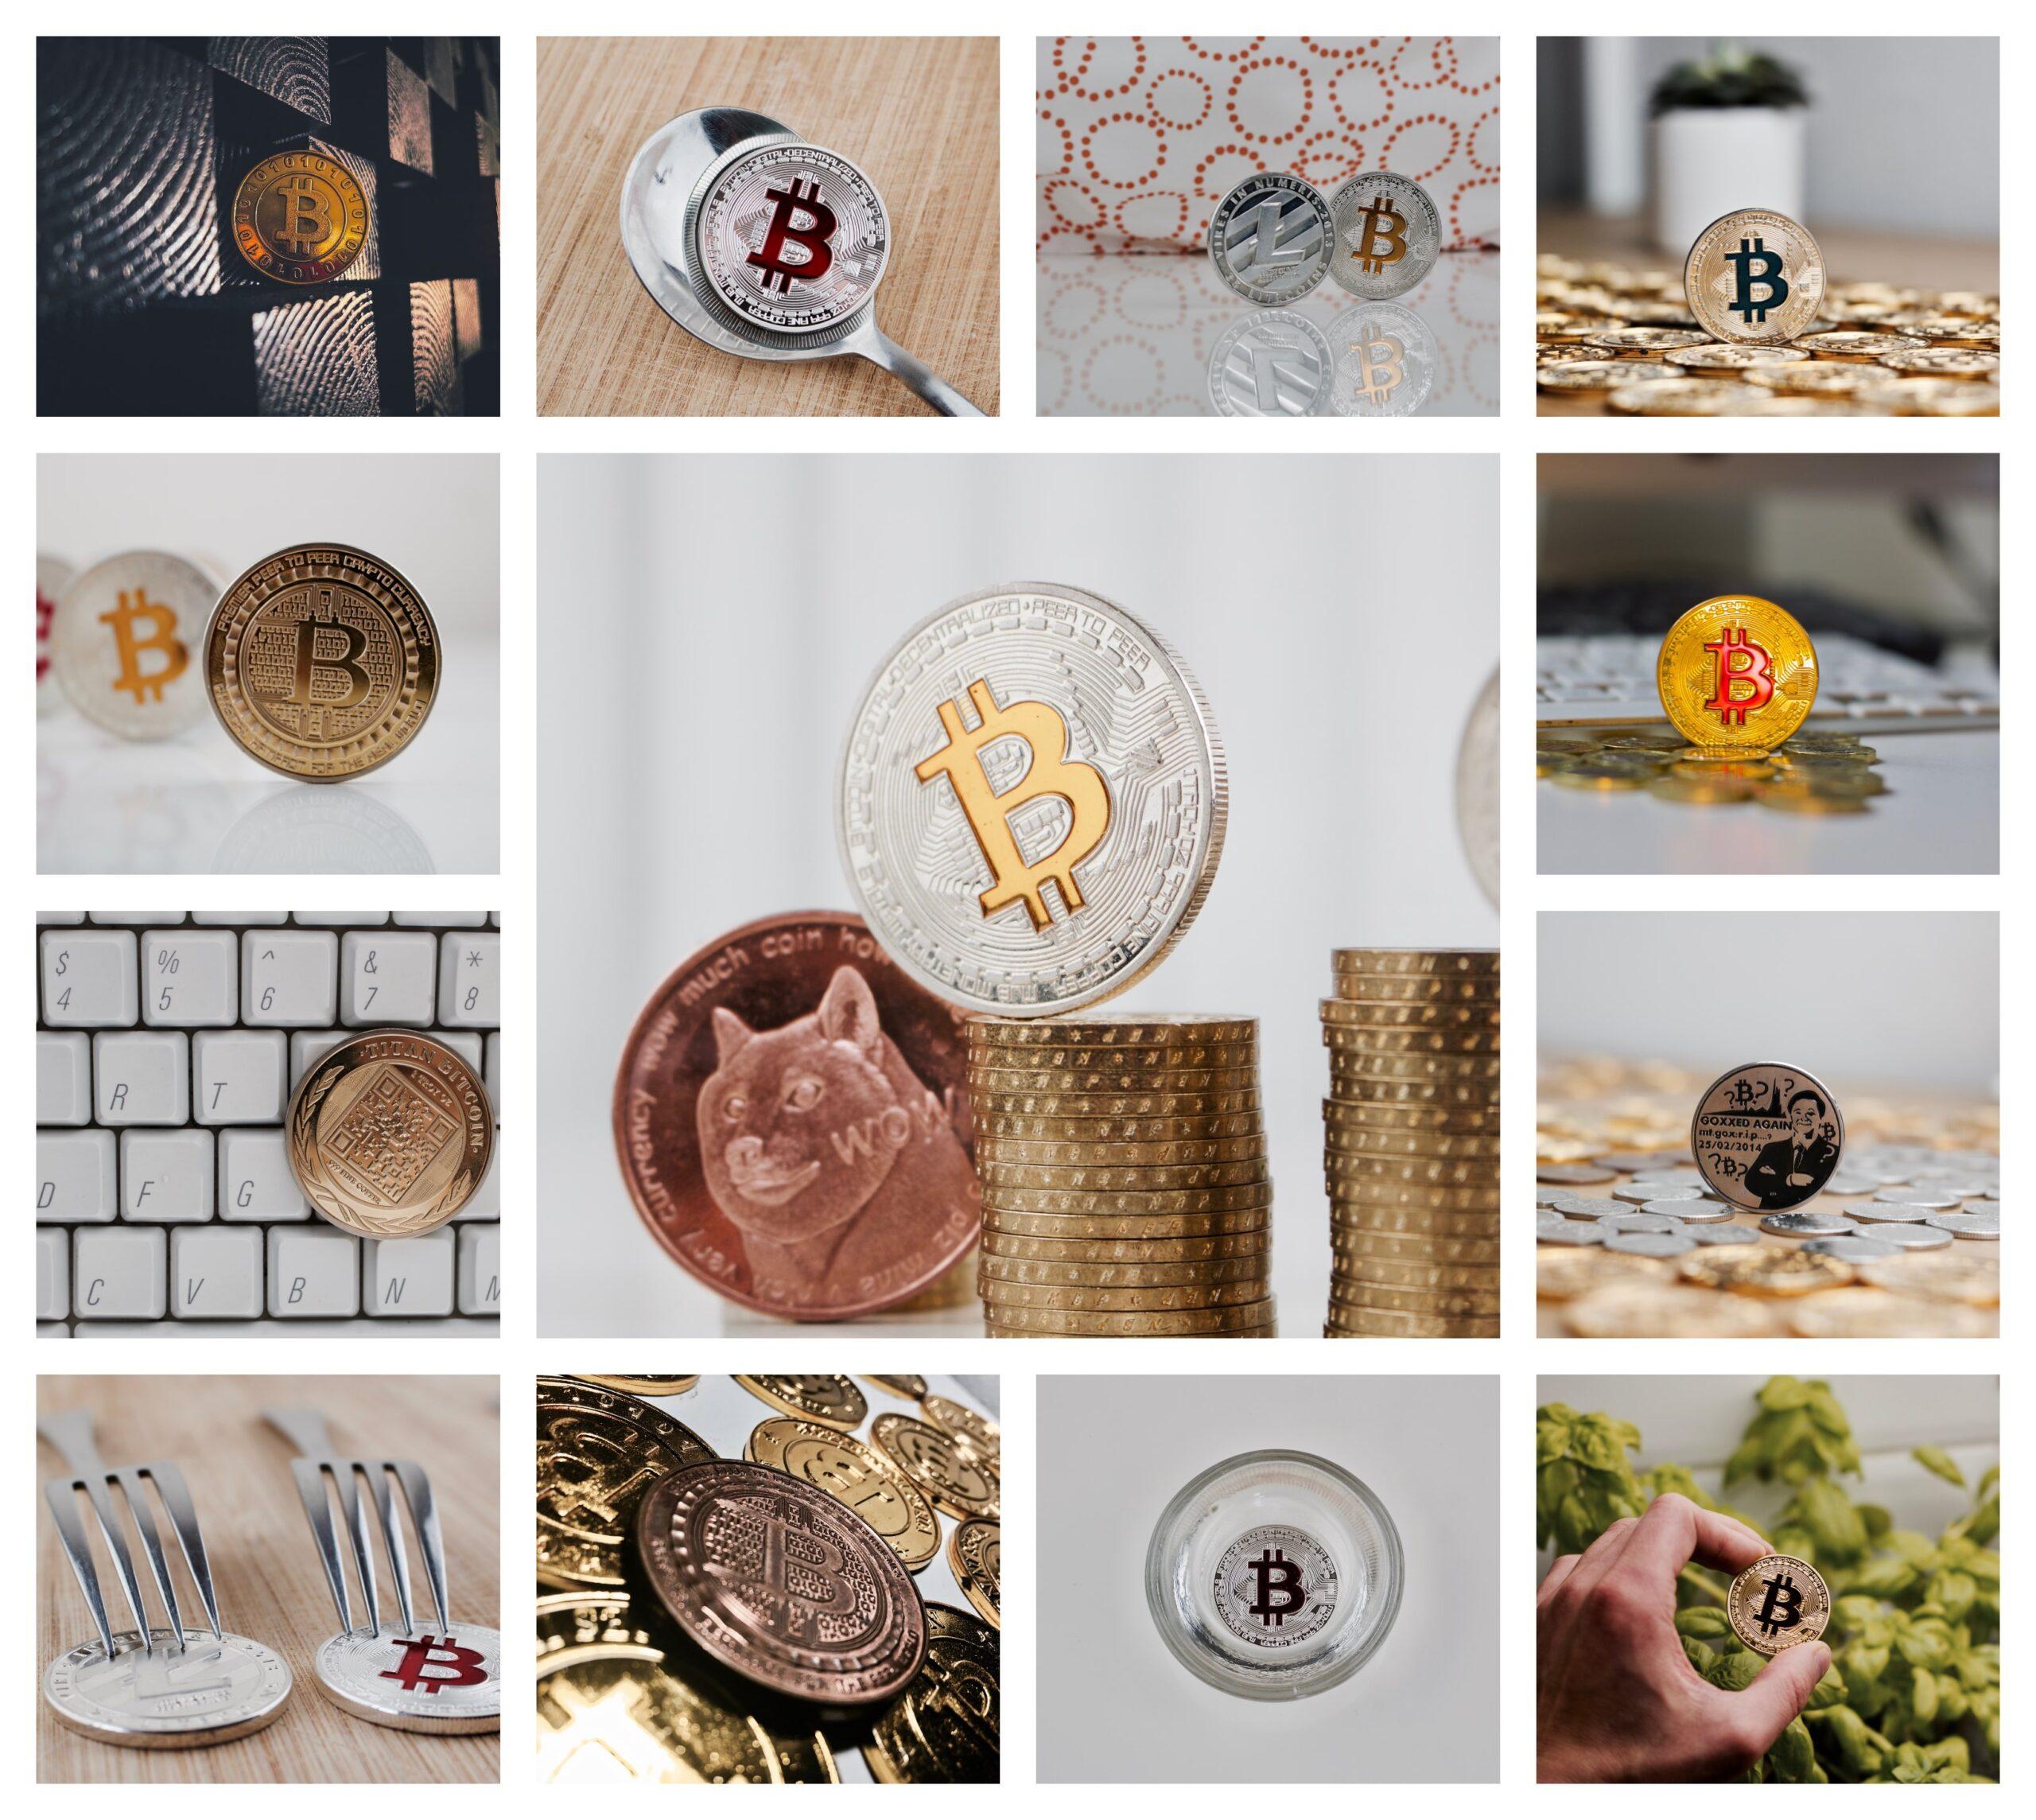 Darmowe zdjęcia bitcoin